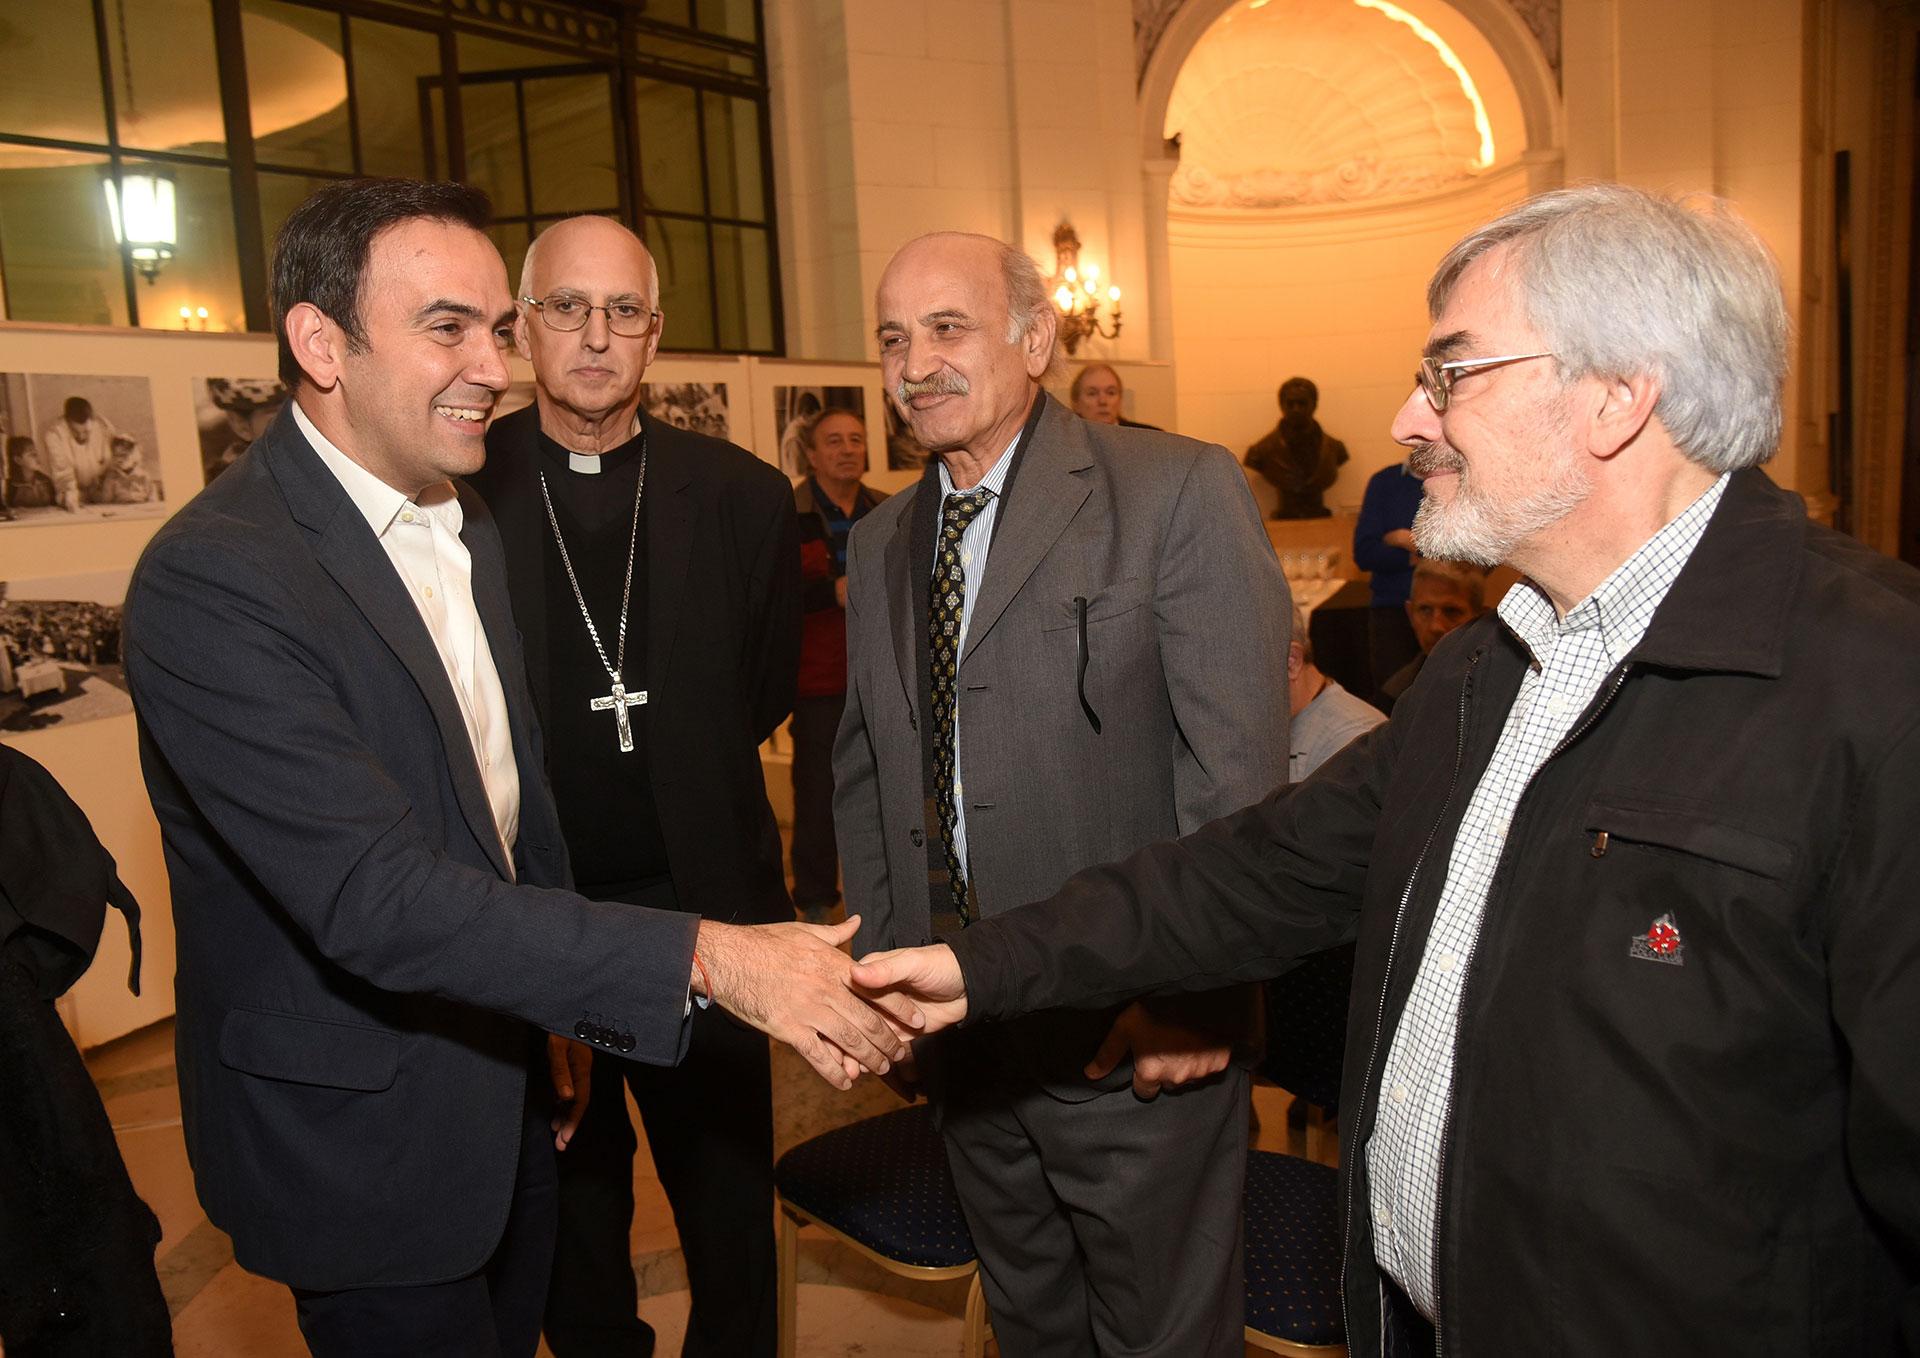 El Padre Felipe El Khazen; el diputado Francisco Quintana; Monseñor Santiago Olivera y Ghandour Daher, autoridad de la Fundación Nínawa Daher y padre de Nínawa